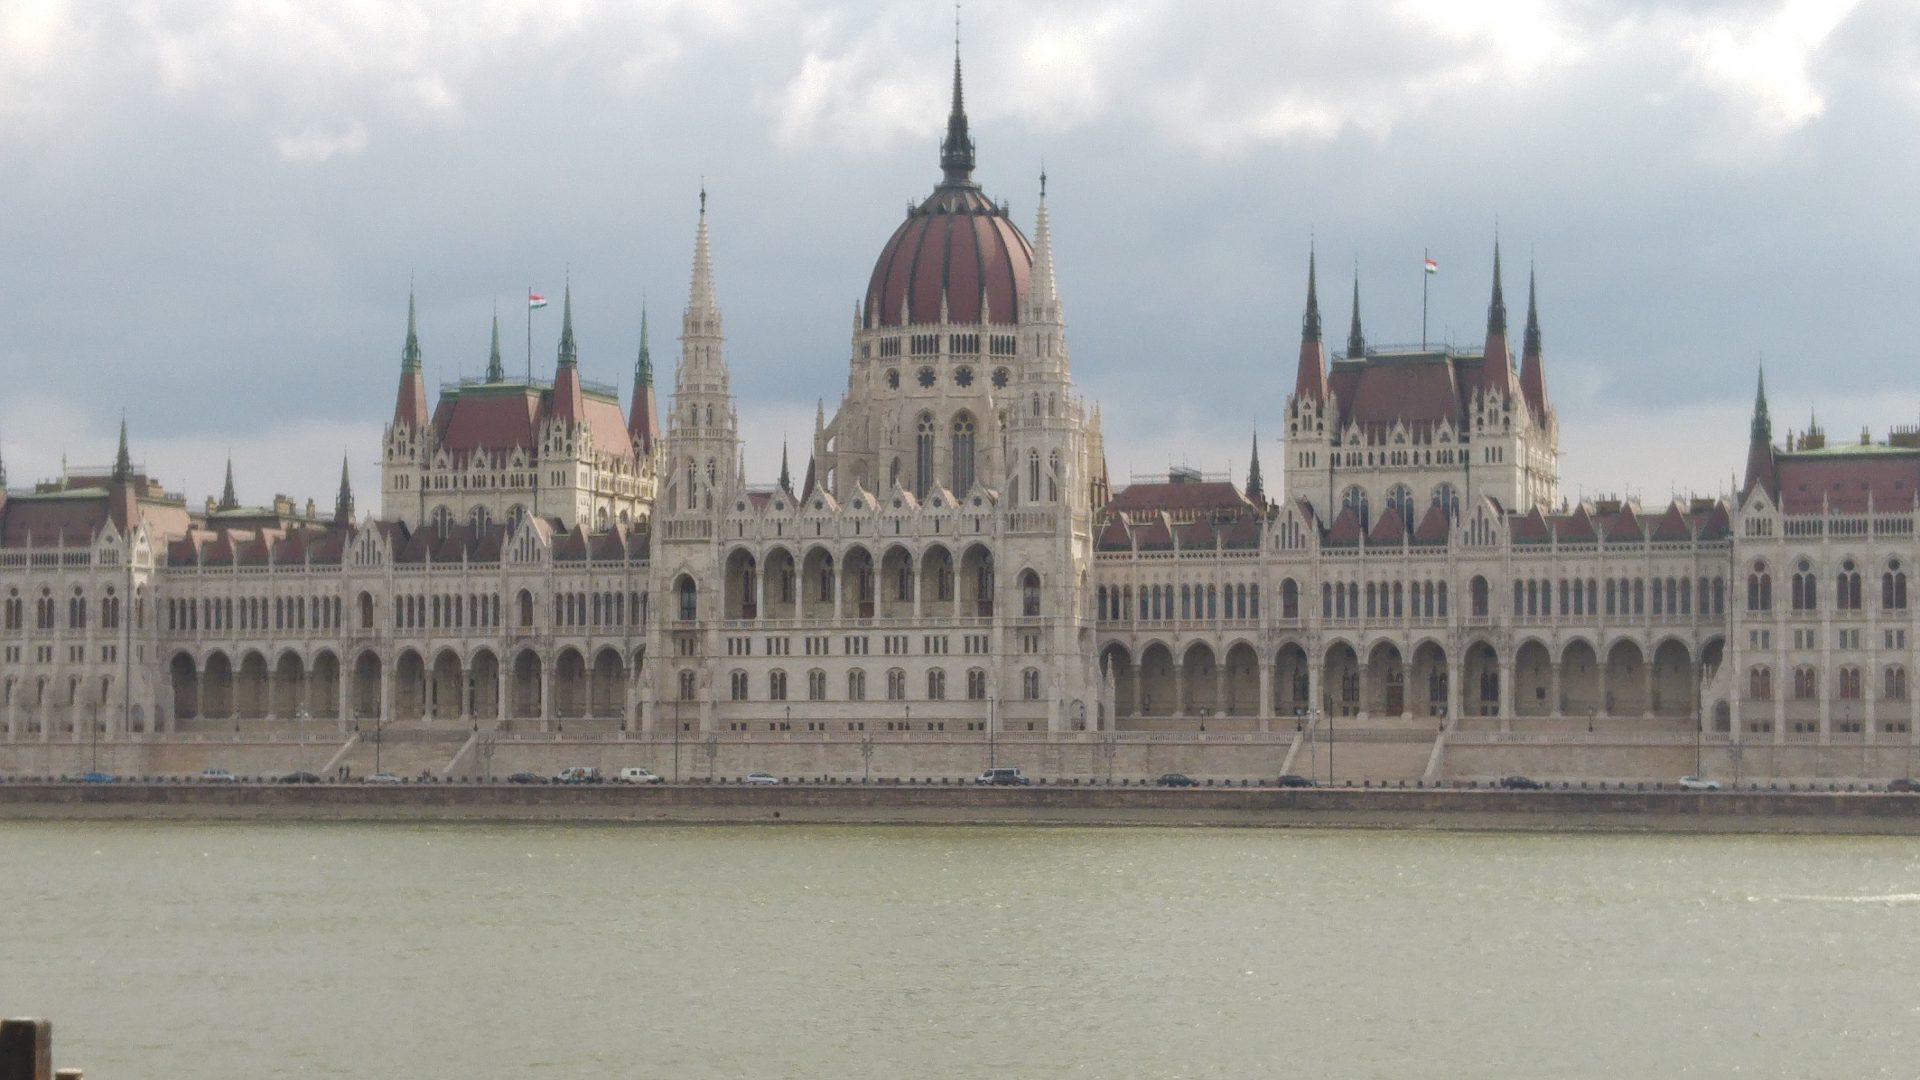 Budapeszt [cz.1] - rzęchami po stolicy